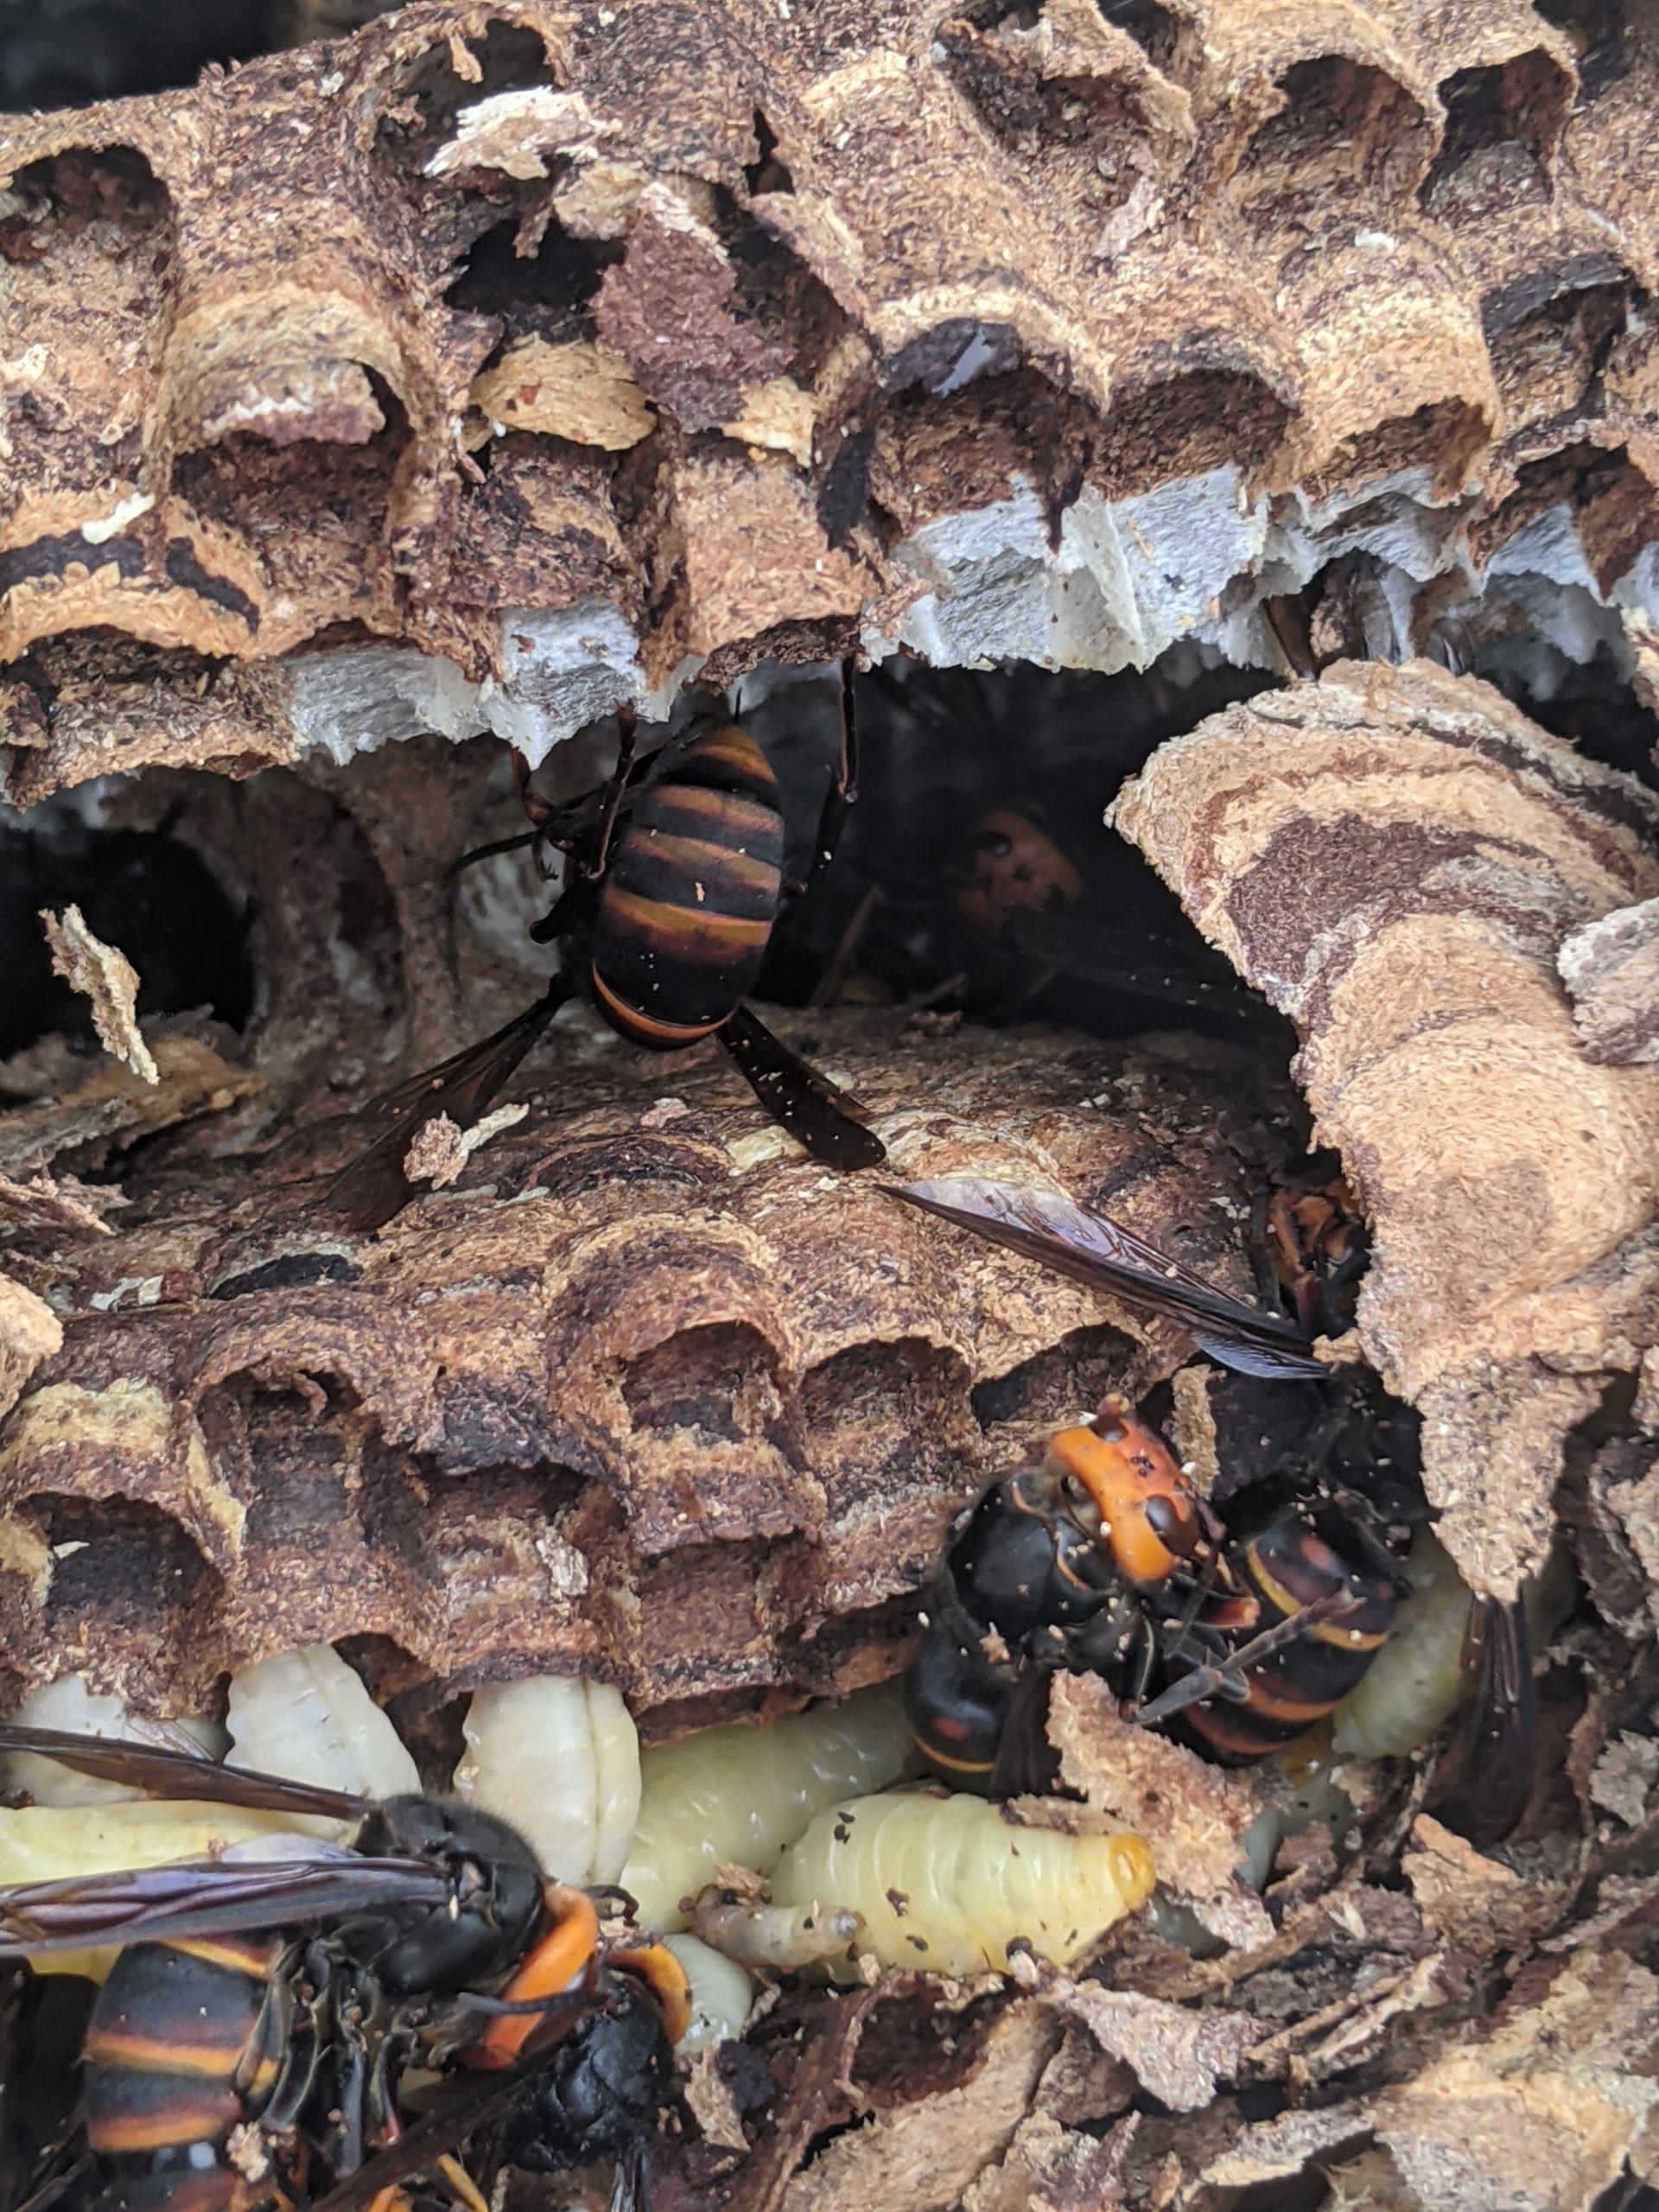 ハチ被害にお困りの方へ